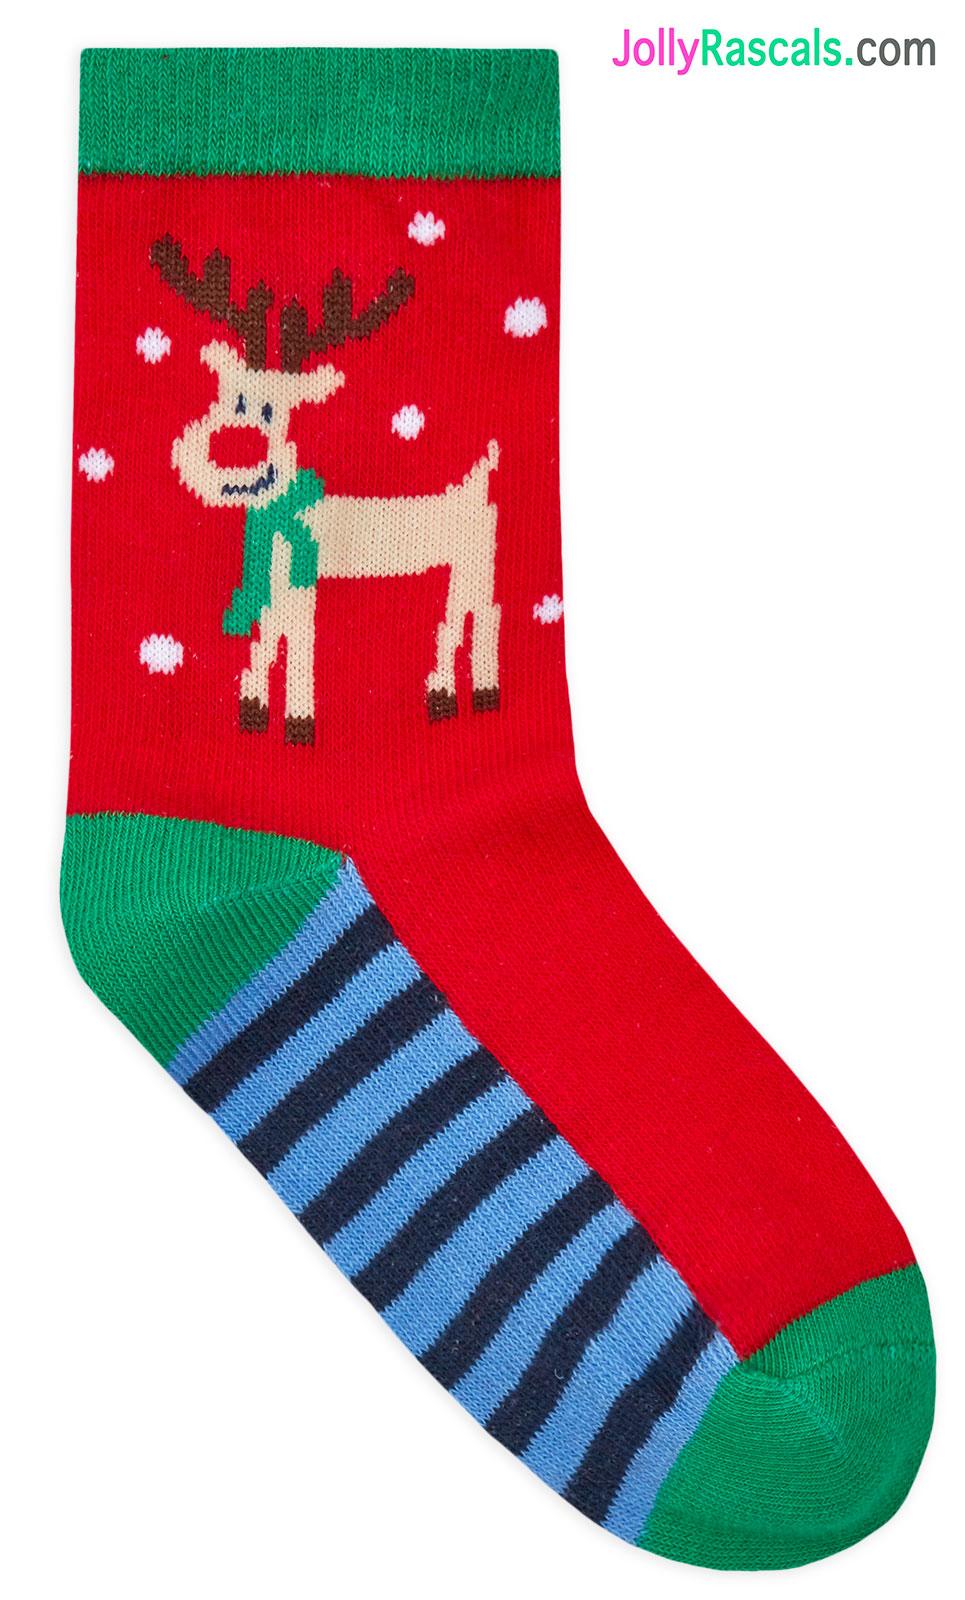 Boys Christmas Socks.Details About Kids Christmas Socks Boys Girls Xmas 3 Pack Ankle Socks 3 Pair Kids New Uk Sizes